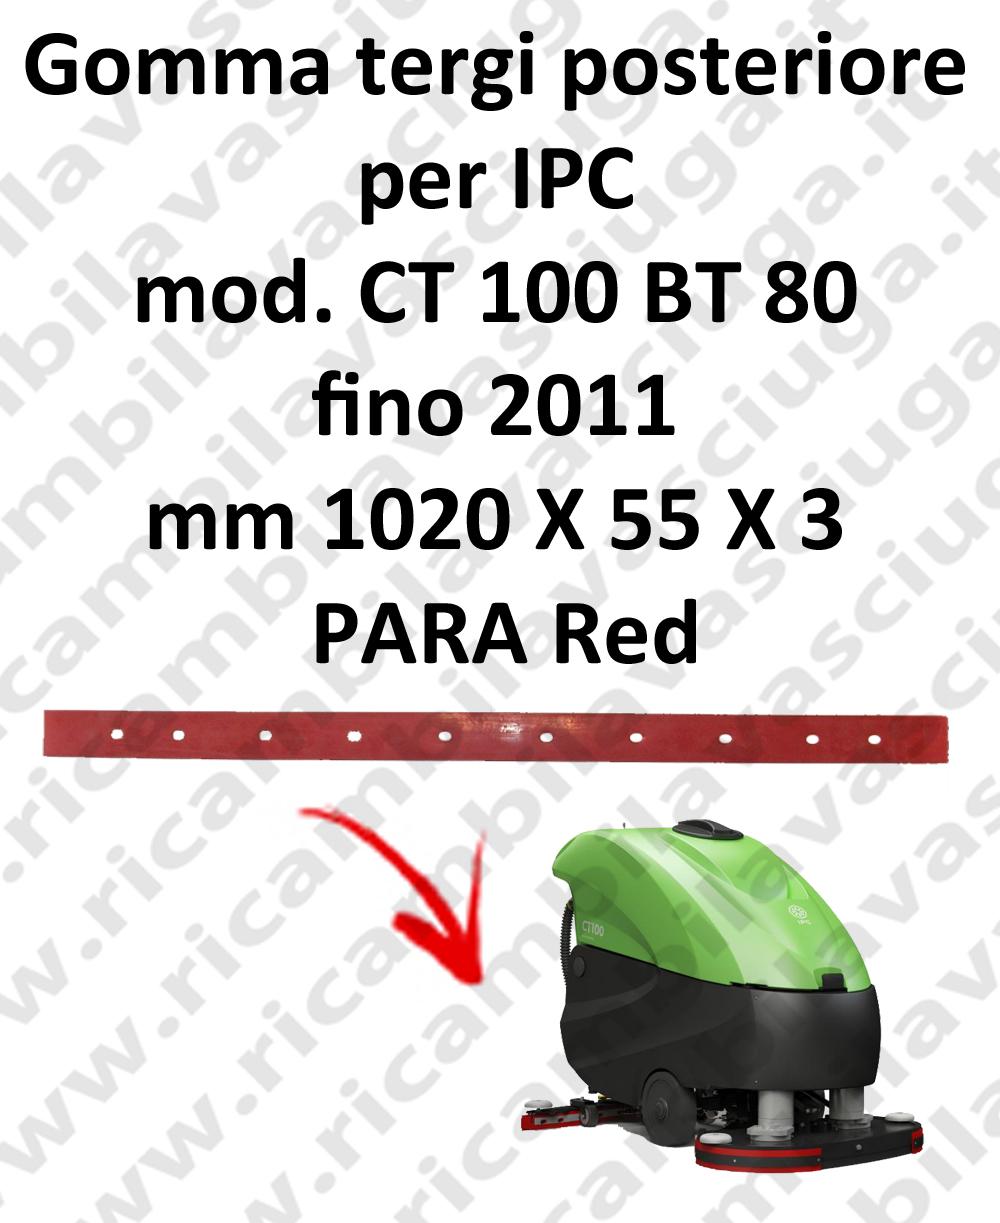 CT 100 BT 80 fino a 2011 - GOMMA TERGI posteriore per lavapavimenti IPC